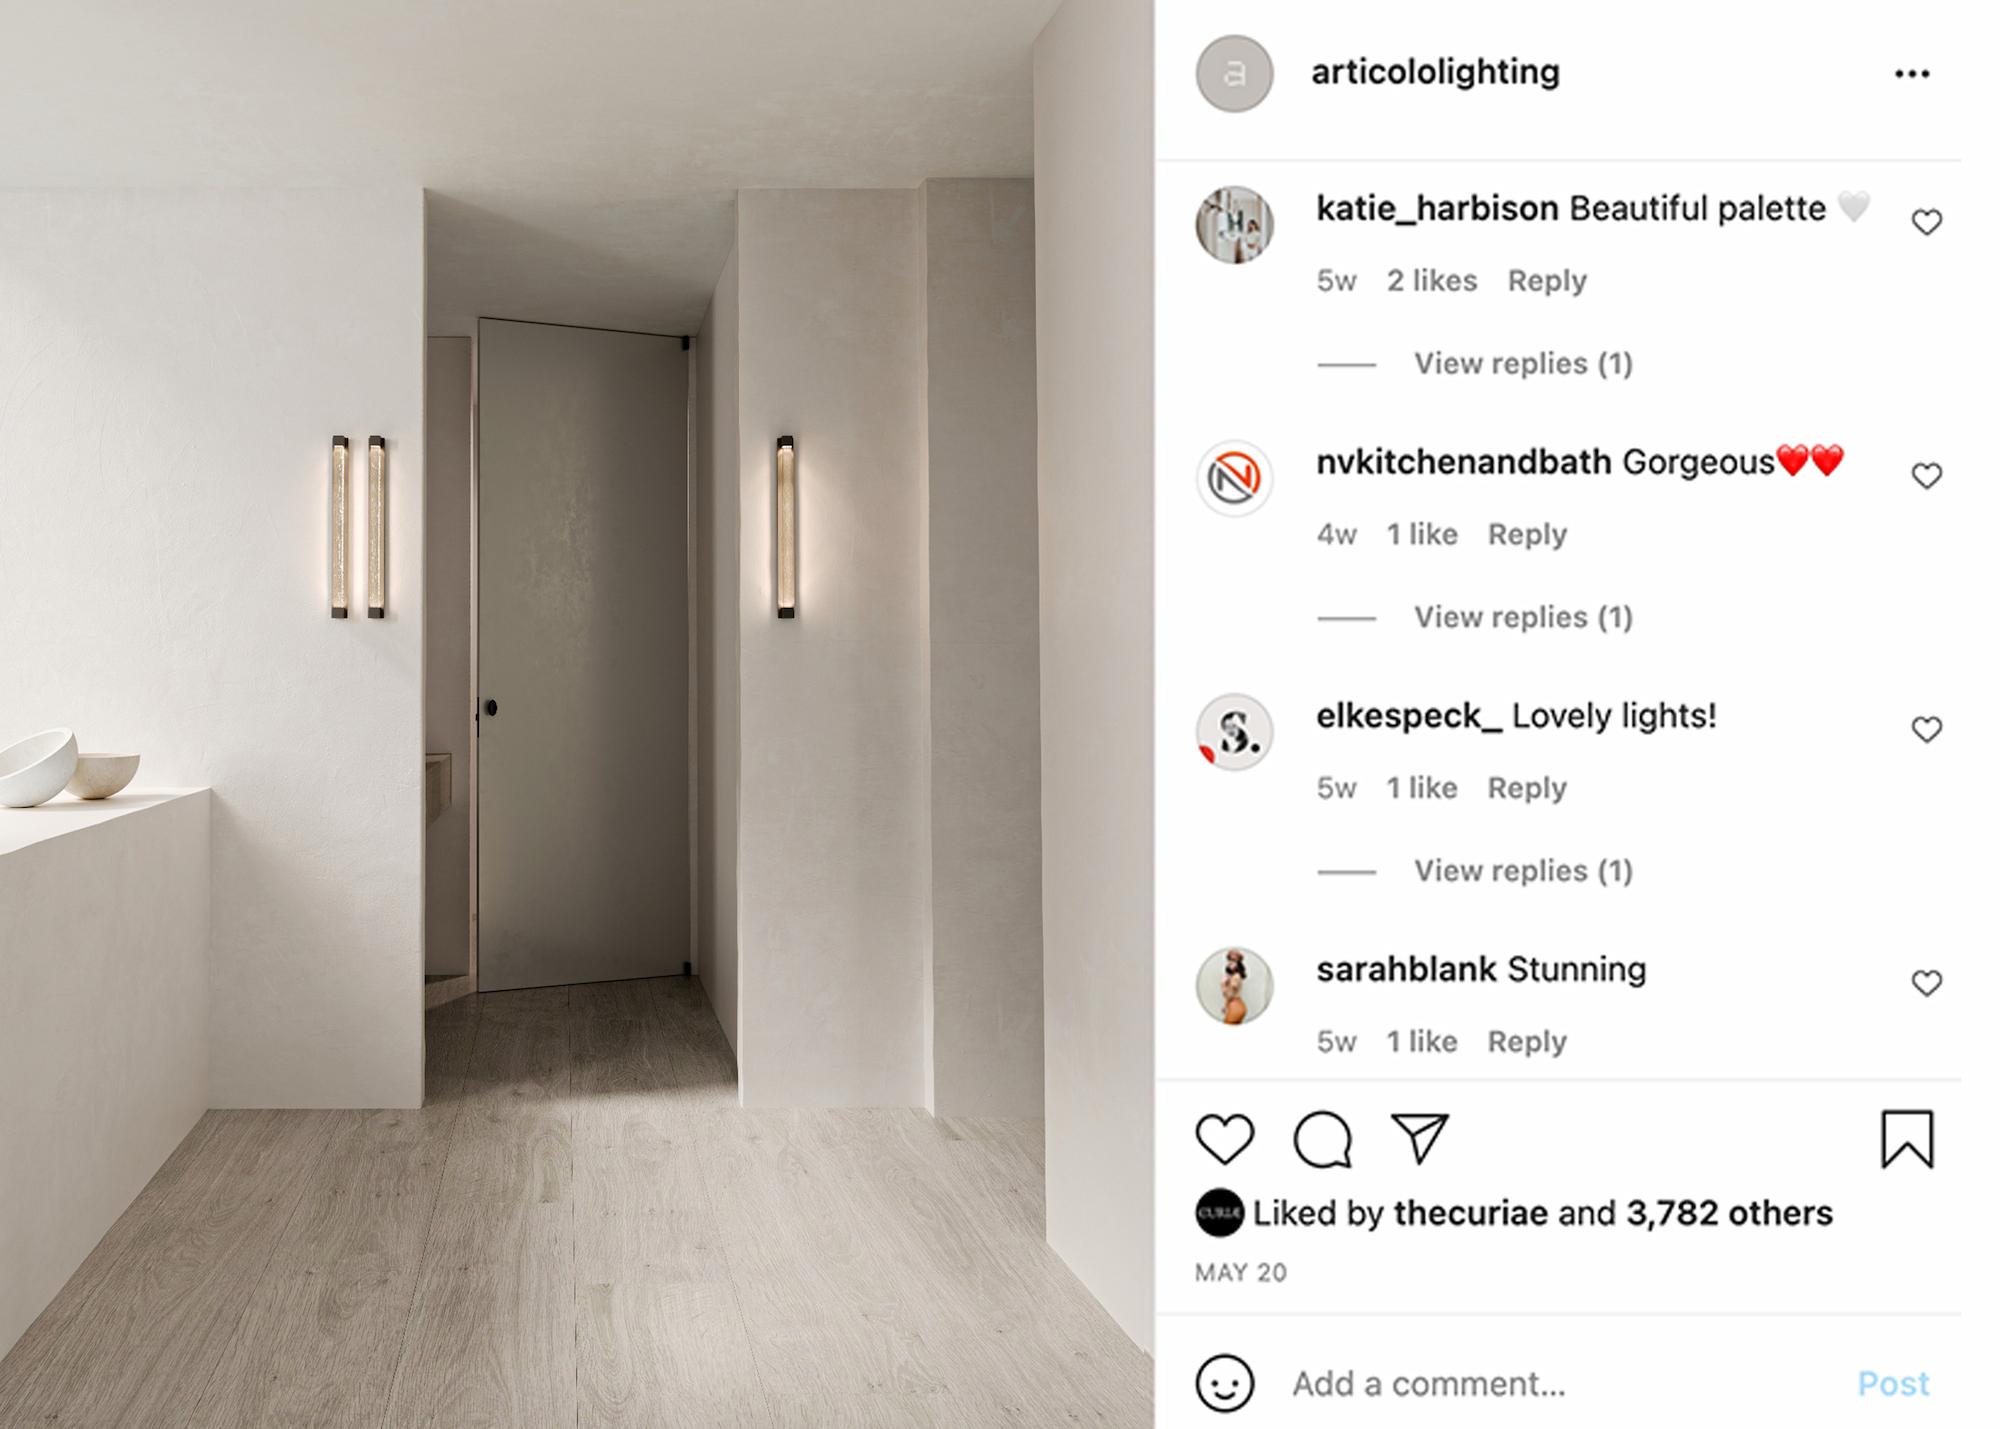 Articolo Instagram post